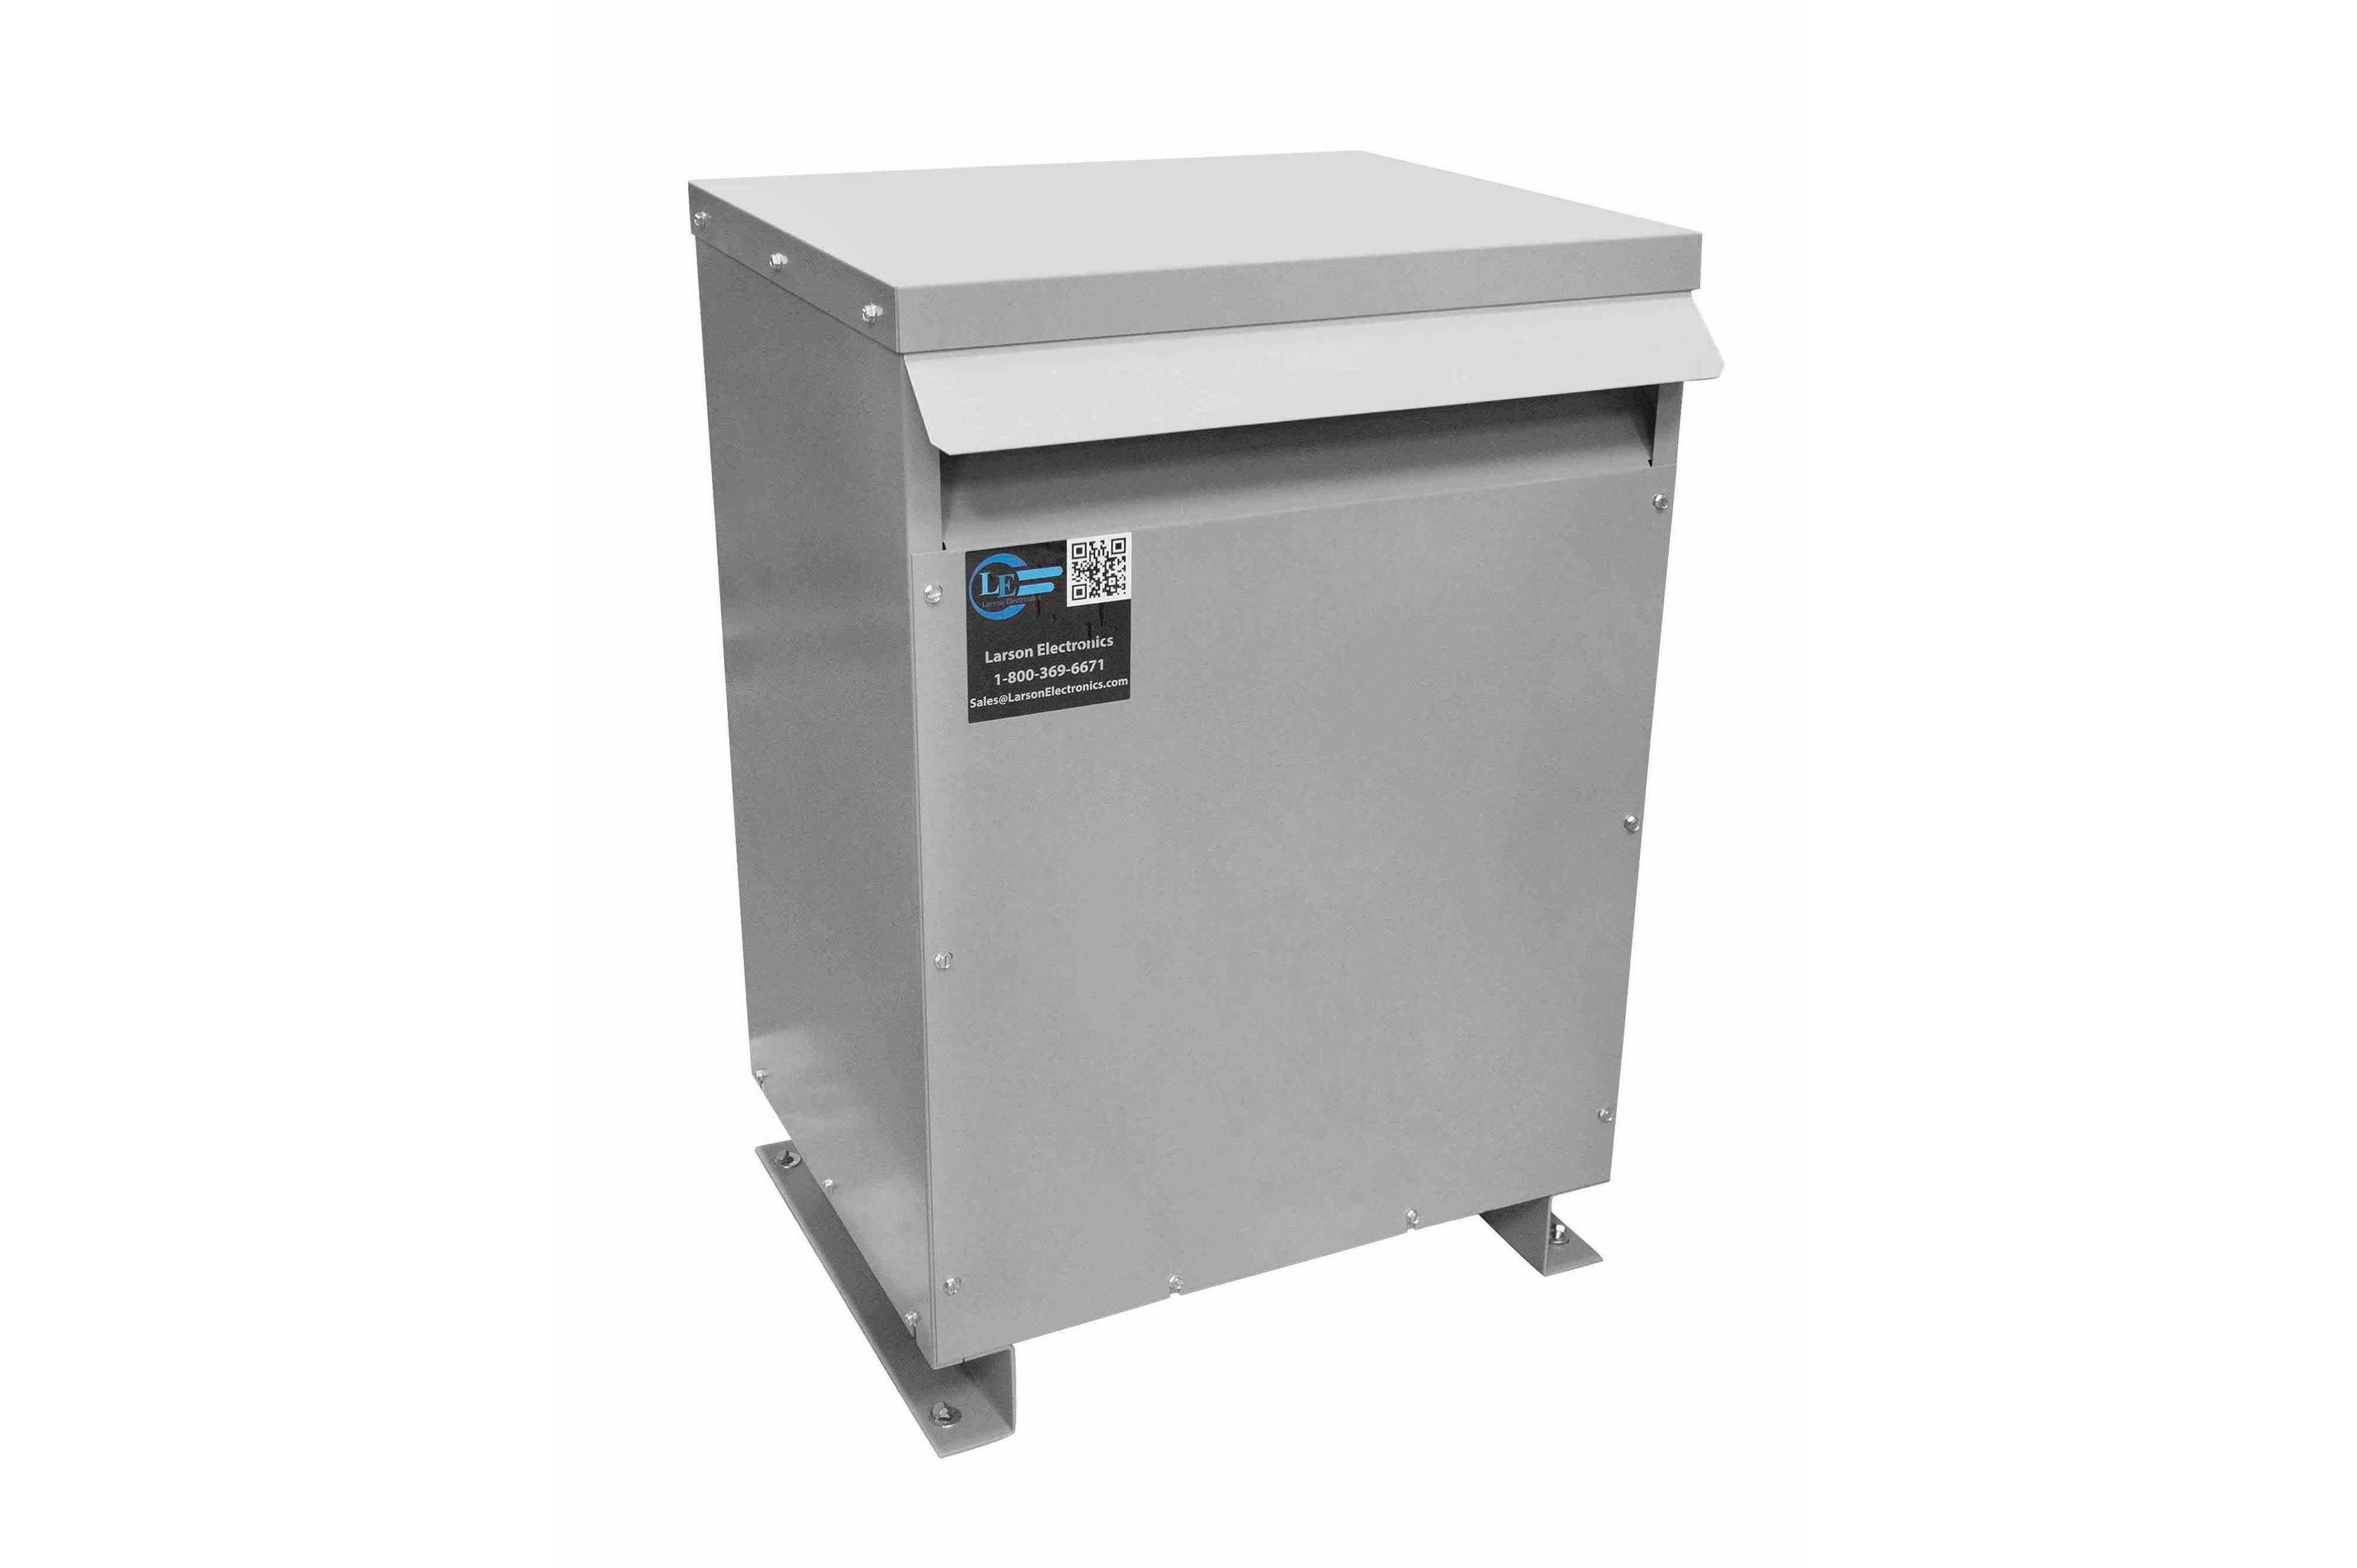 25 kVA 3PH Isolation Transformer, 480V Delta Primary, 400V Delta Secondary, N3R, Ventilated, 60 Hz